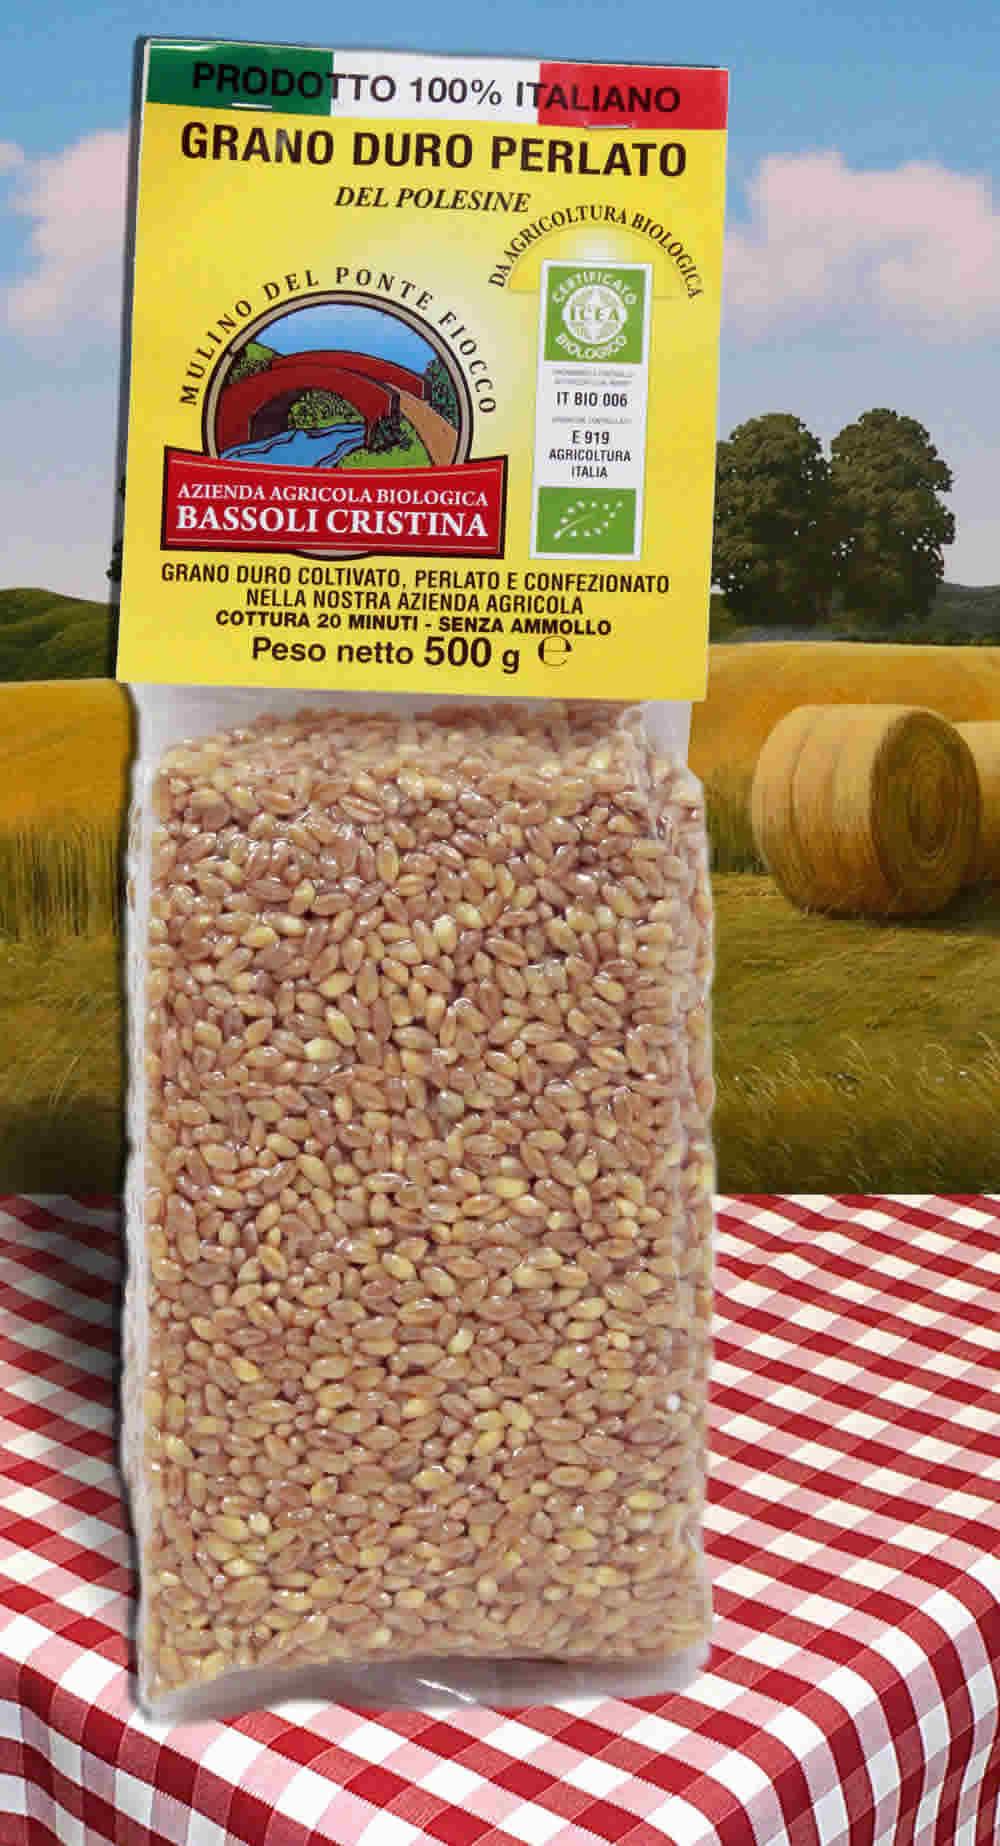 grano duro perlato (1)